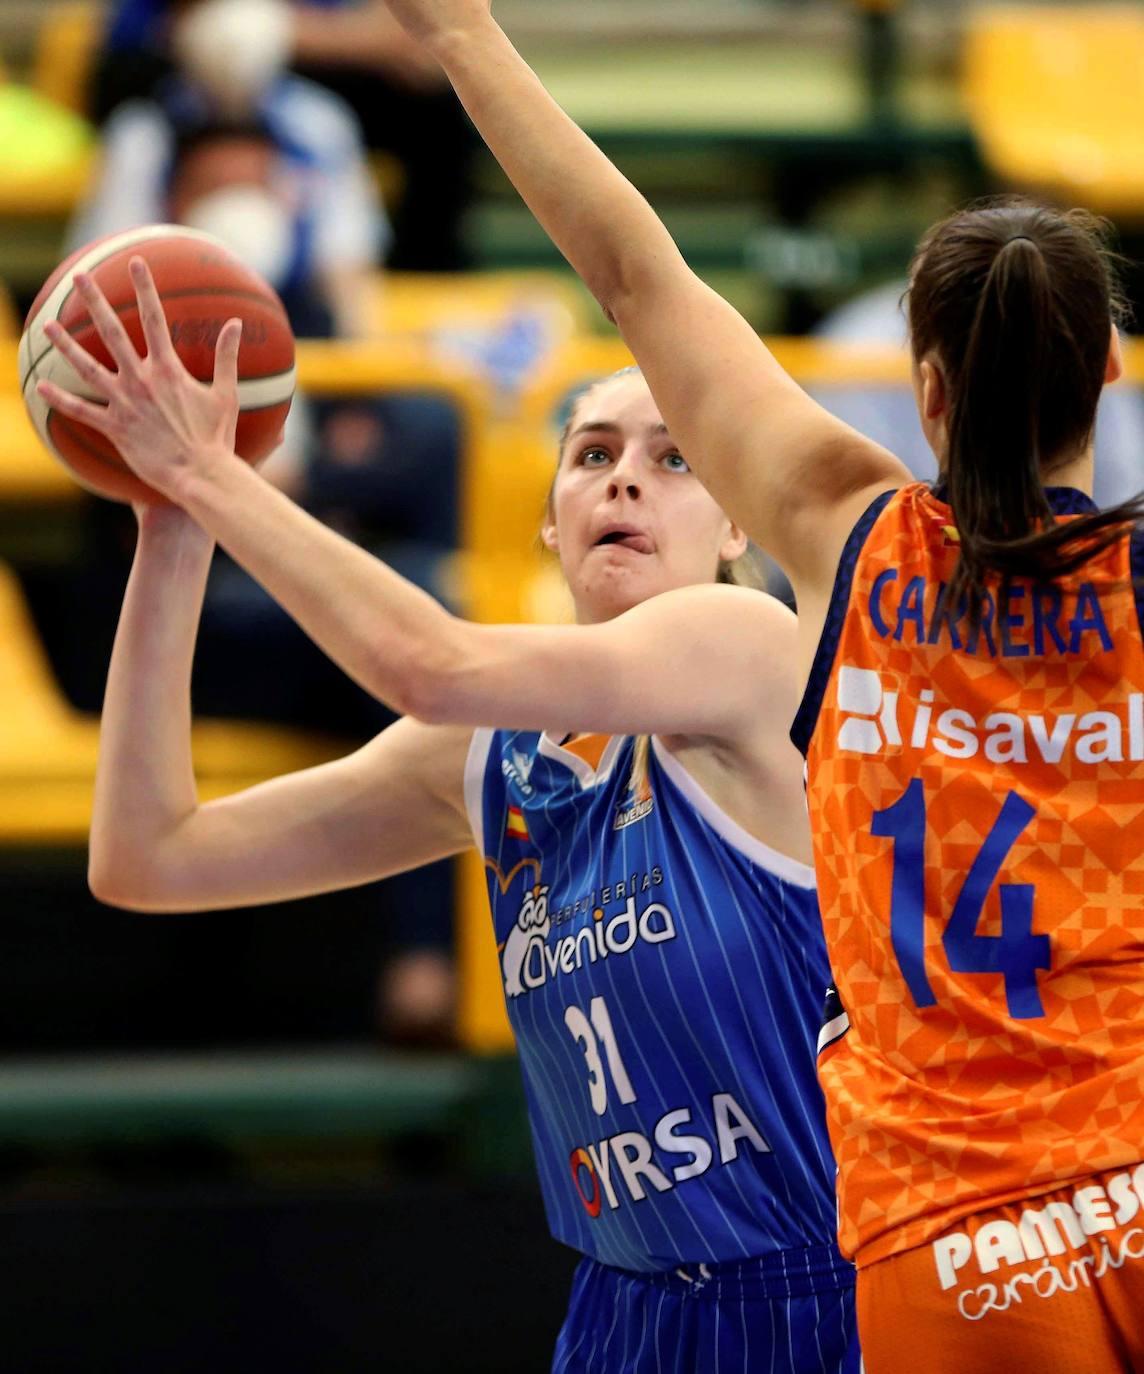 Las mejores imágenes del Perfumerías Avenida-Valencia Basket